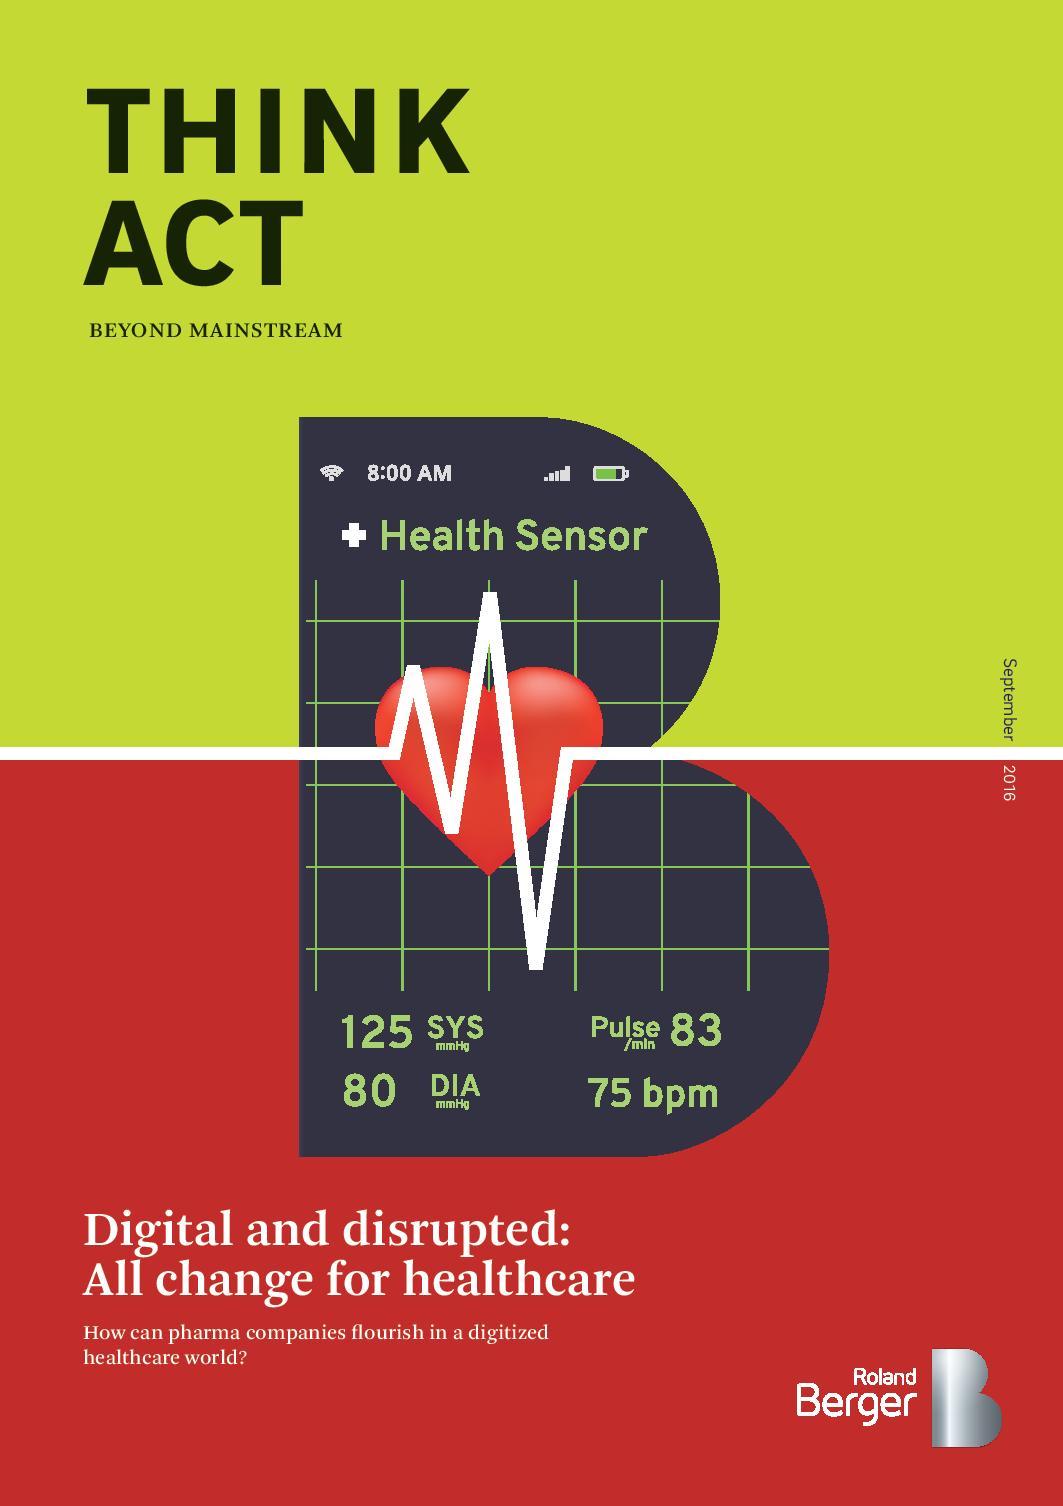 digitaler gesundheitsmarkt wà chst bis 2020 um durchschnittlich 21